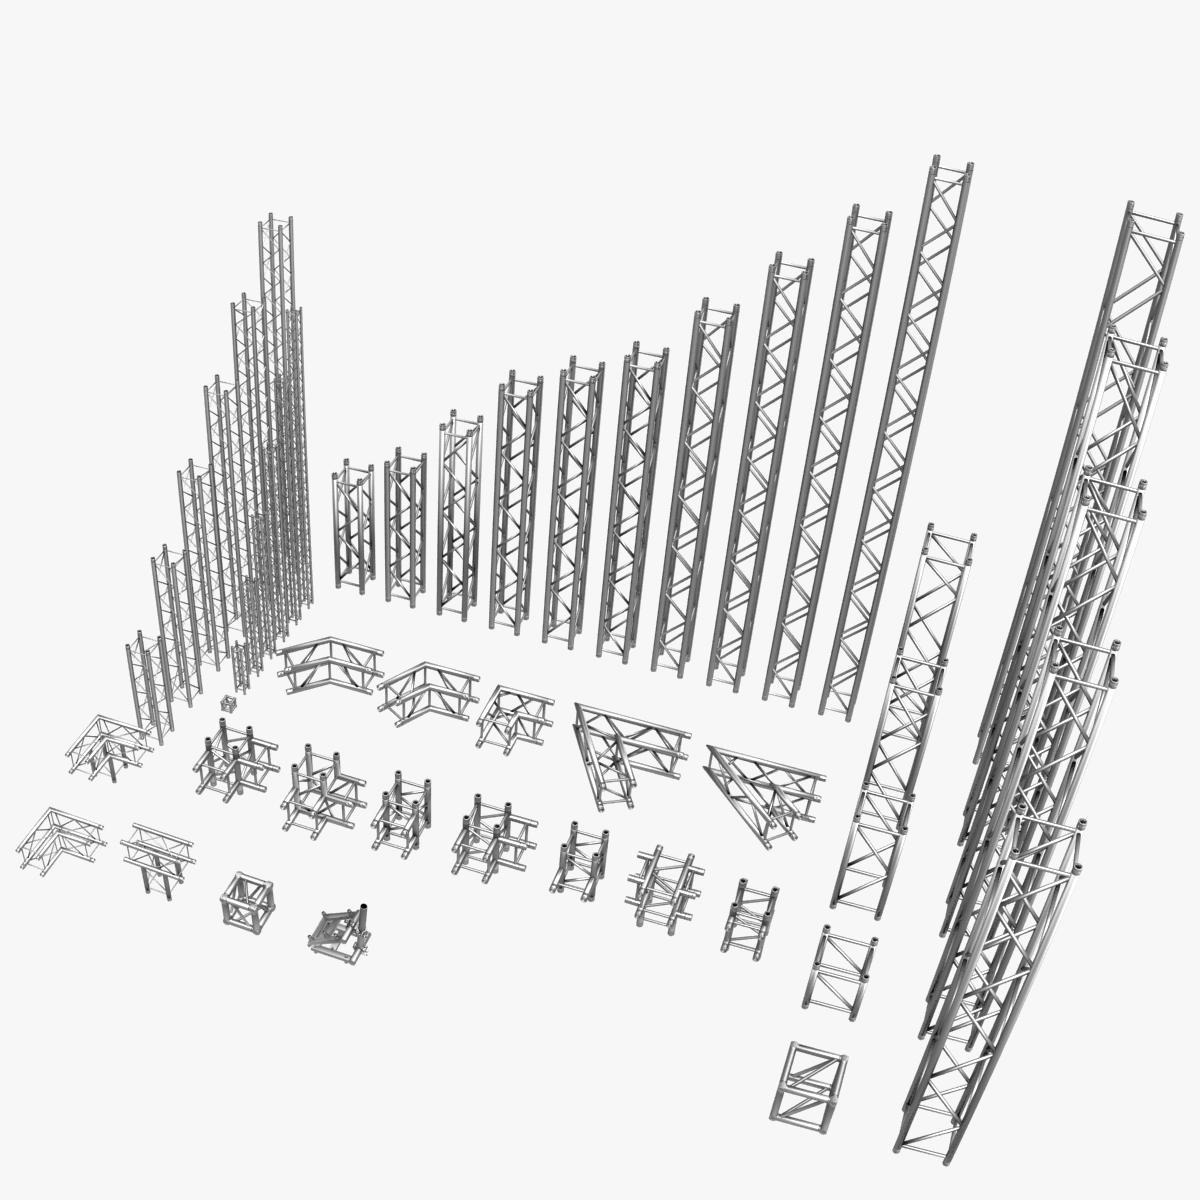 30-01-SquareTrusses-5